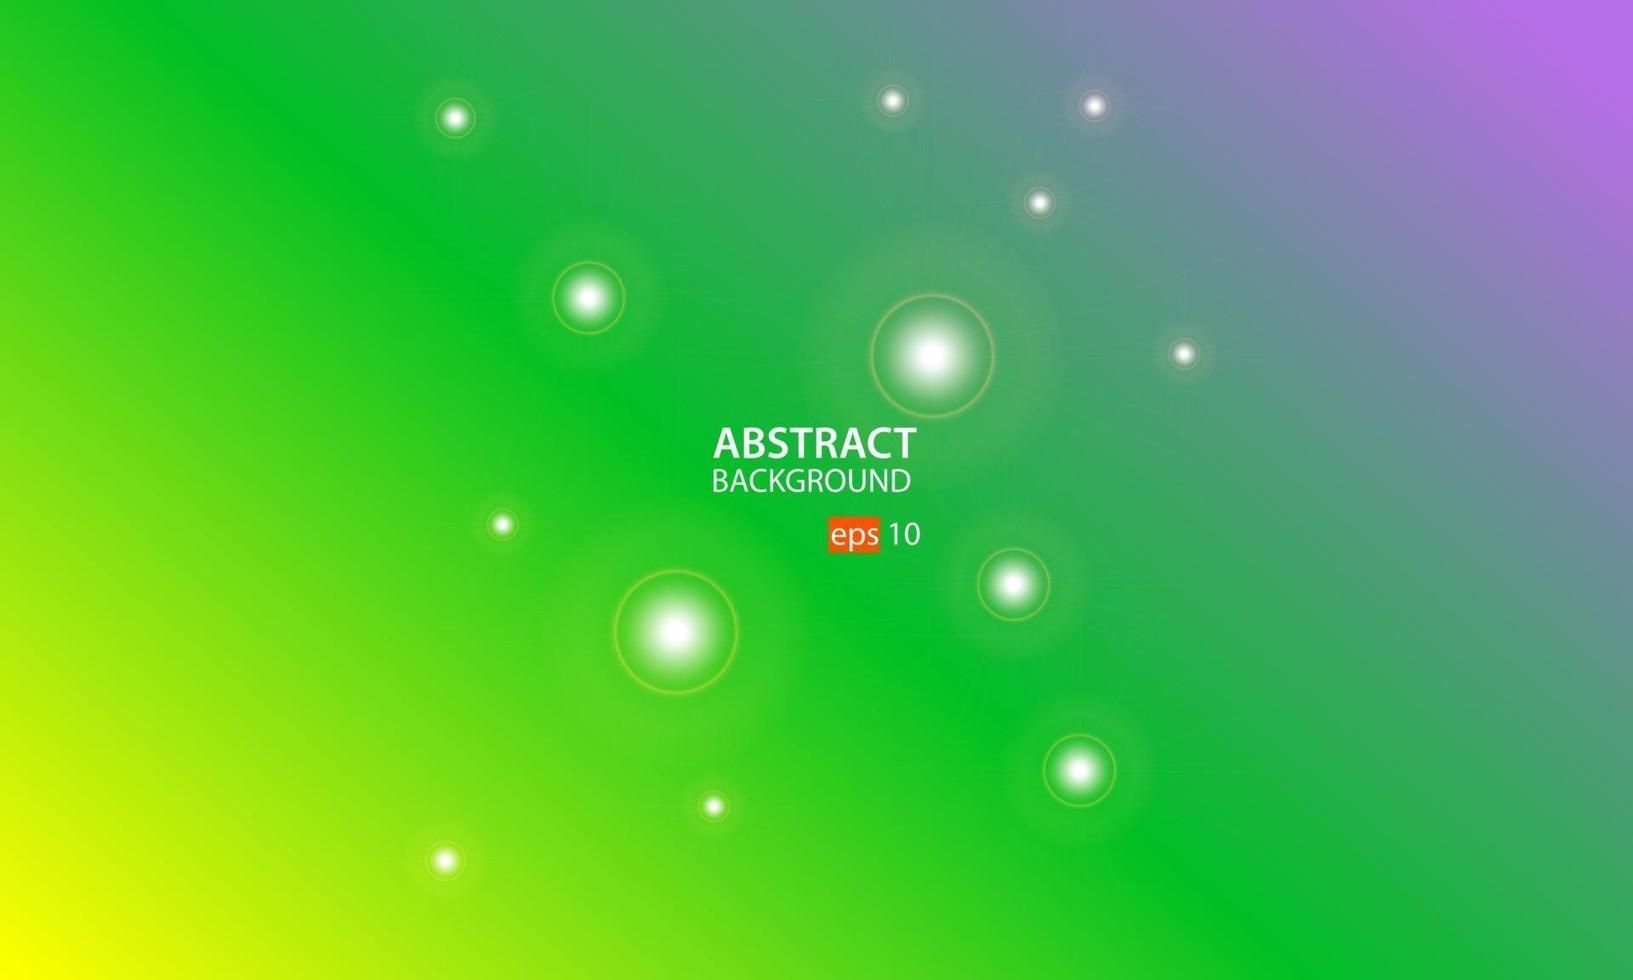 abstrakt lutning färg bakgrund i ljusa färgglada slät. lämplig för tapet bakgrund banner kort och målsida vektor